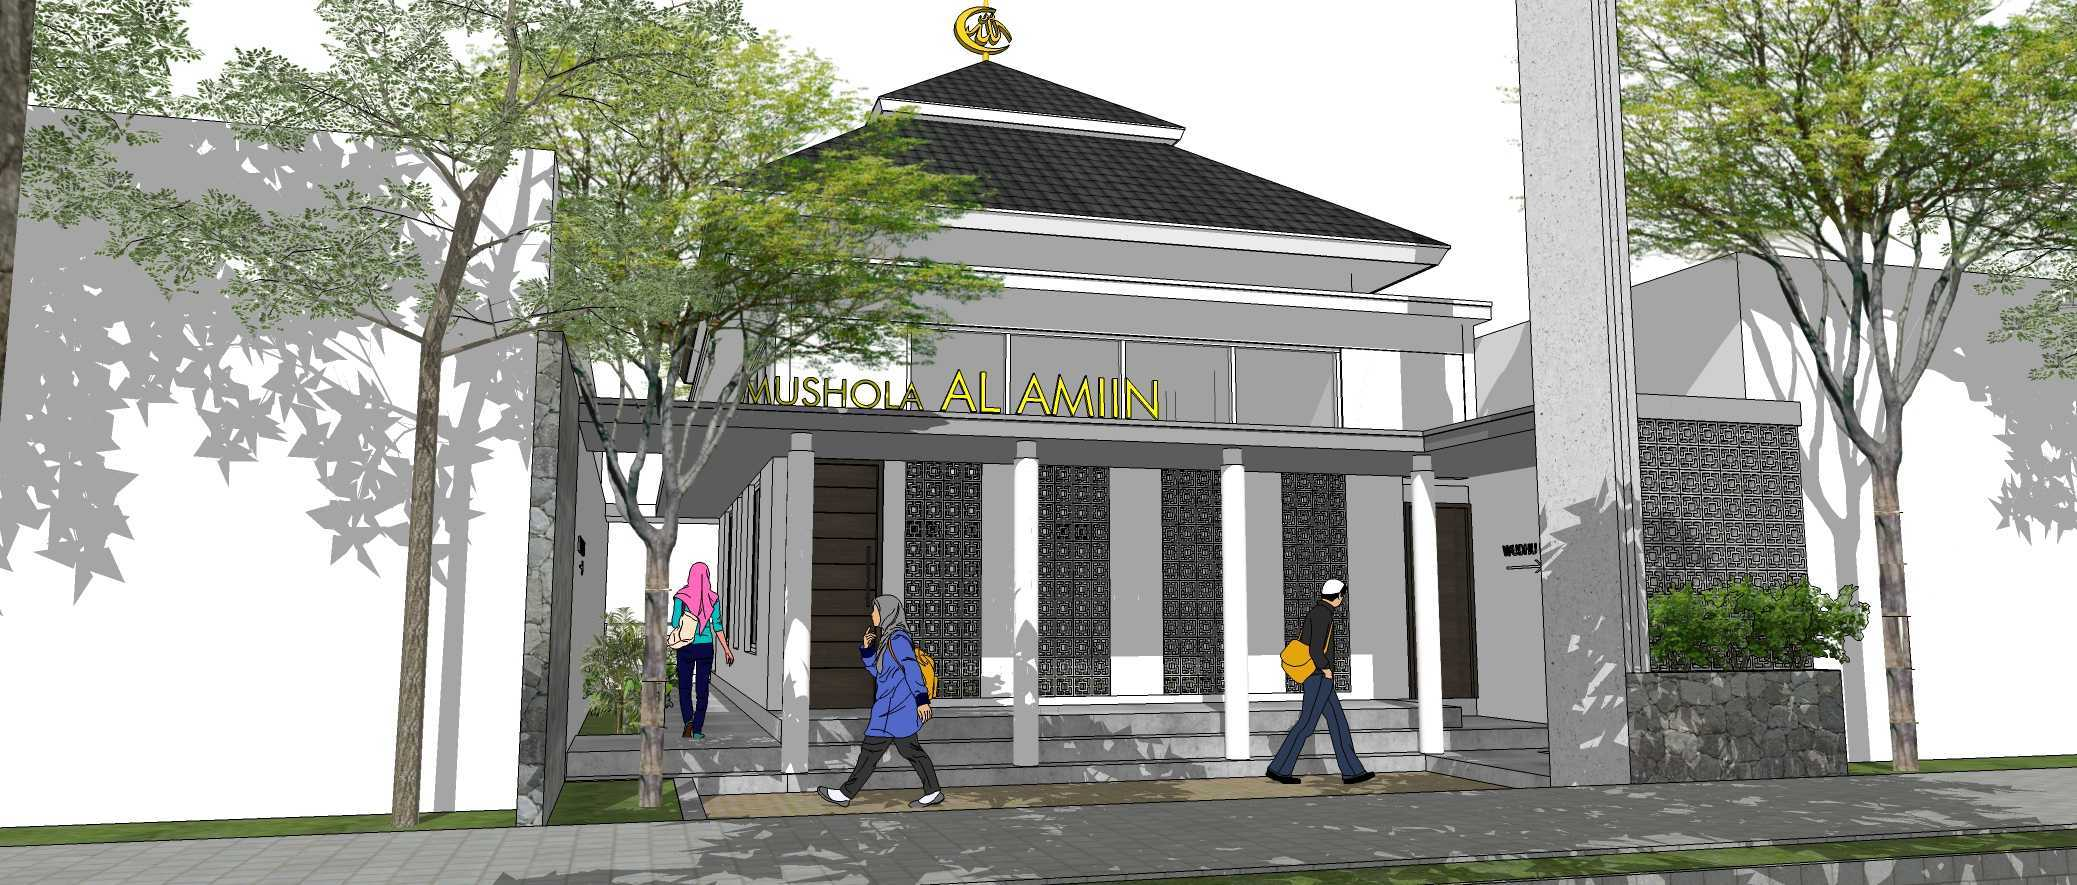 Gradasi Musholla Al Amiin Kabupaten Jombang, Jawa Timur, Indonesia Kabupaten Jombang, Jawa Timur, Indonesia Gradasi7-Musholla-Al-Amiin  89110